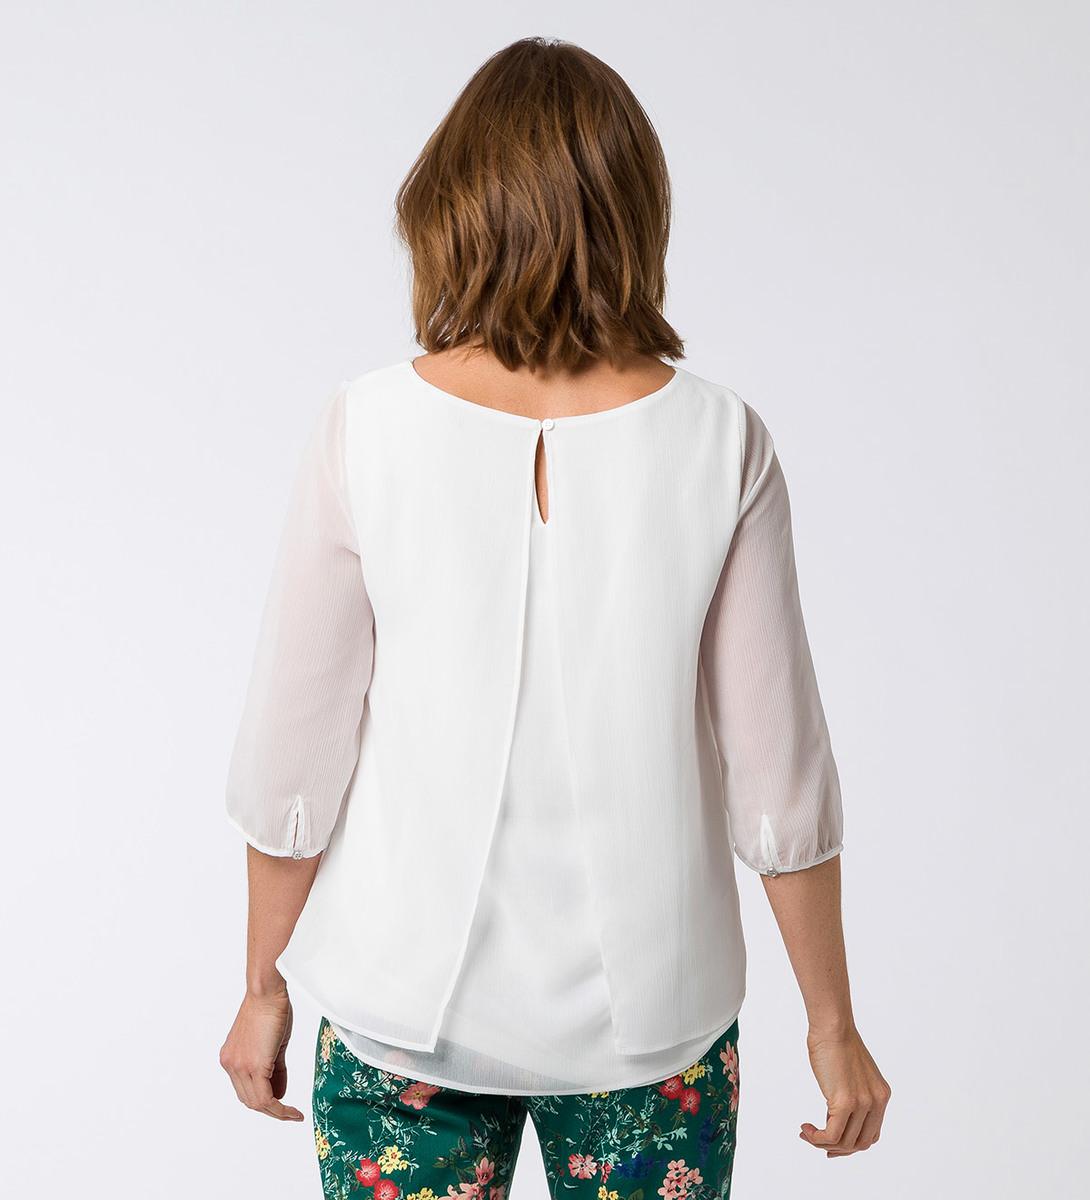 Bluse im Lagen-Look in offwhite